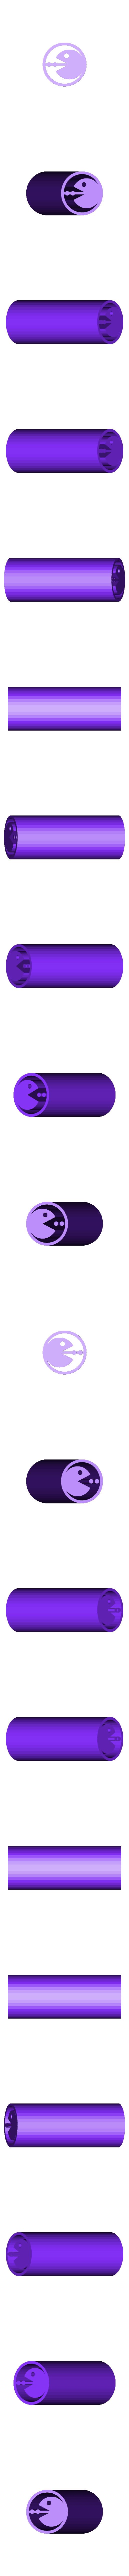 pacman.STL Télécharger fichier STL 36 CONSEILS SUR LES FILTRES À MAUVAISES HERBES VOL.1+2+3+4 • Design pour impression 3D, SnakeCreations